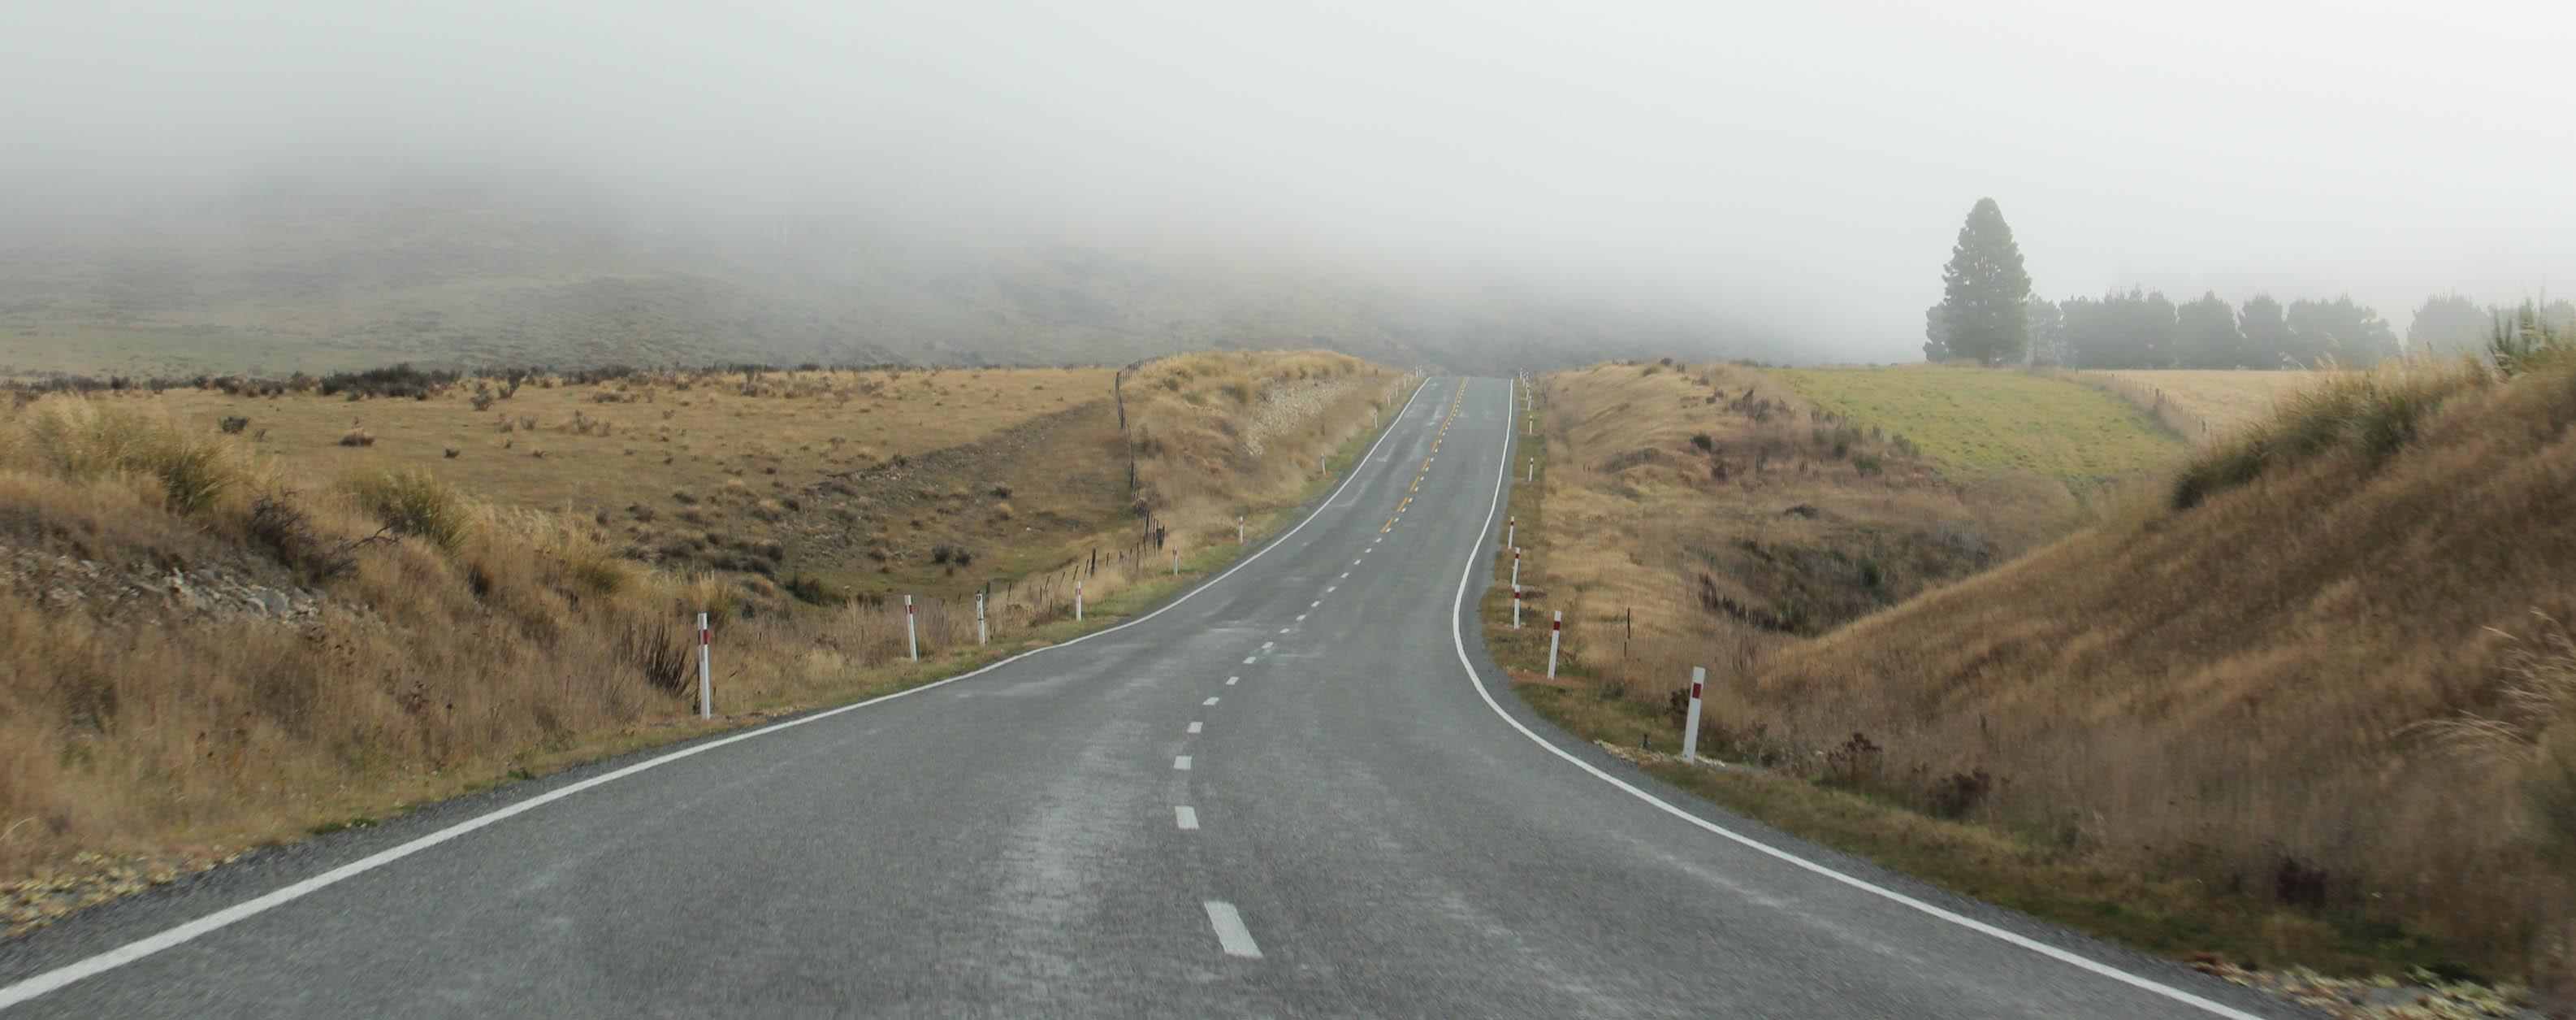 Nouvelle Zélande - Christchurch & twizel - les lubies de louise (6 sur 49)